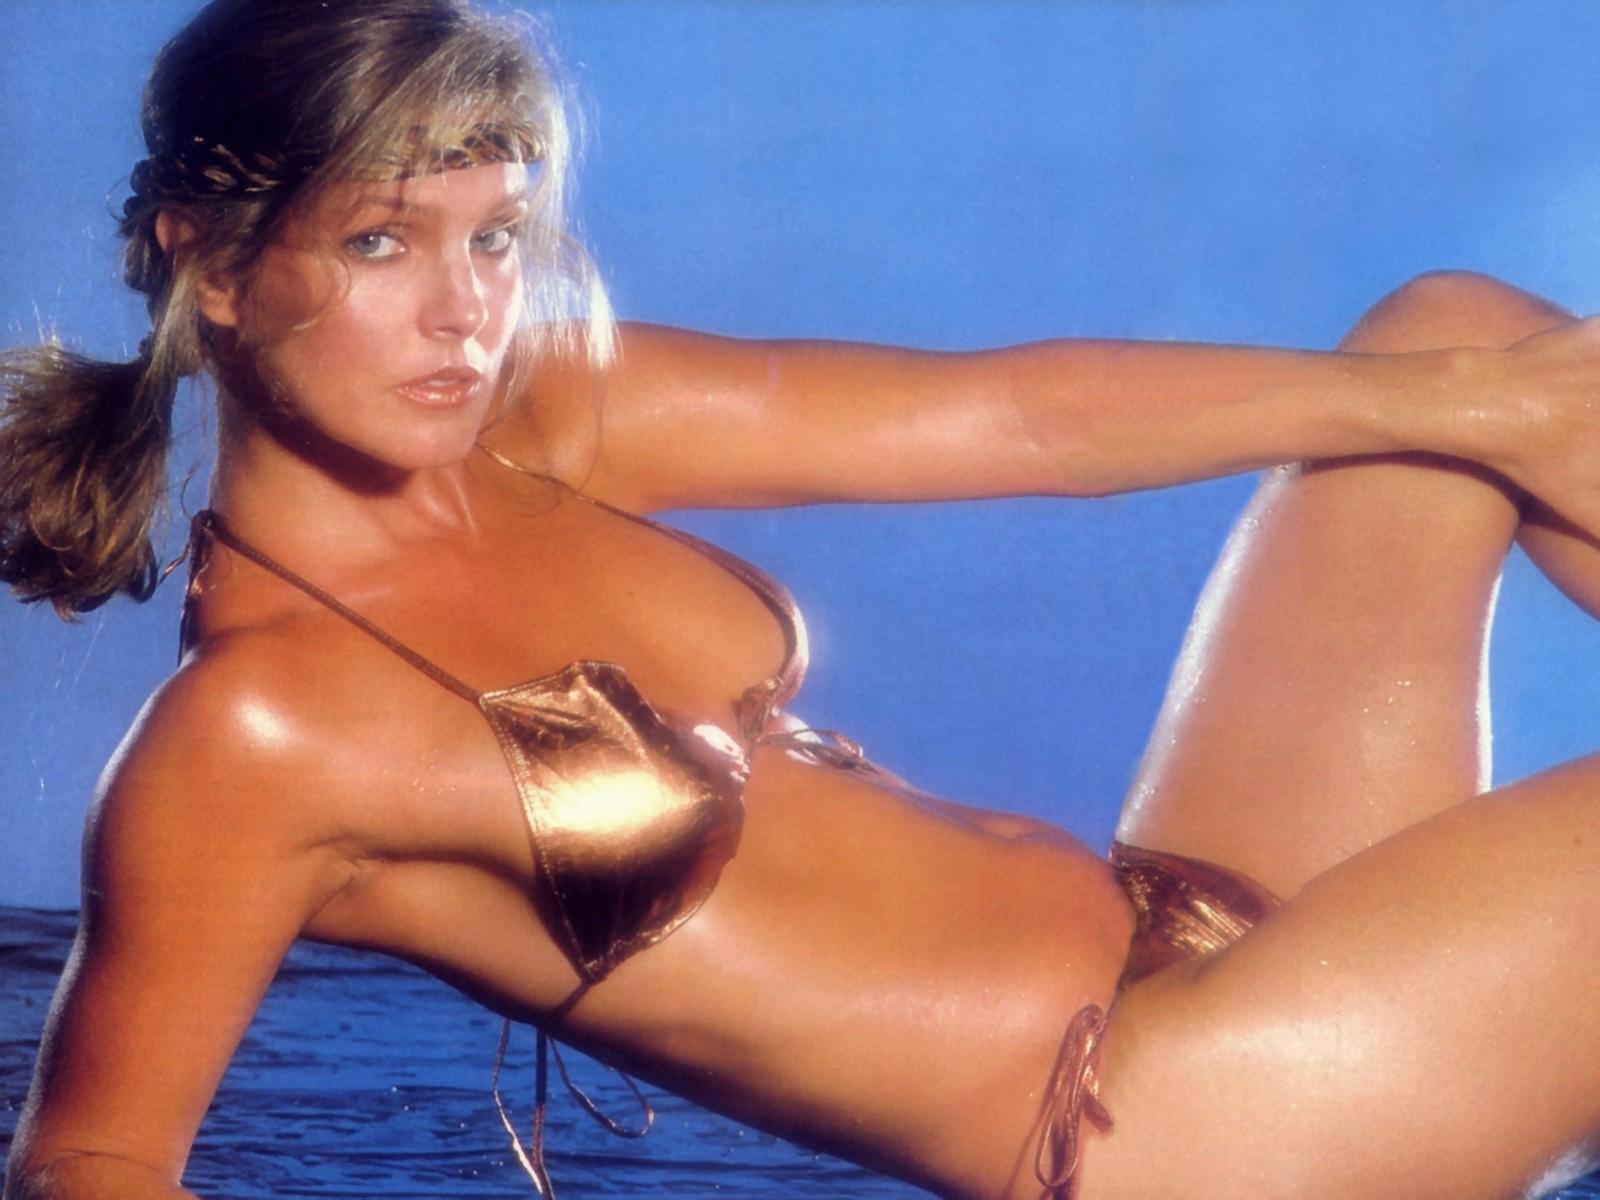 nude pictures of priscilla presley